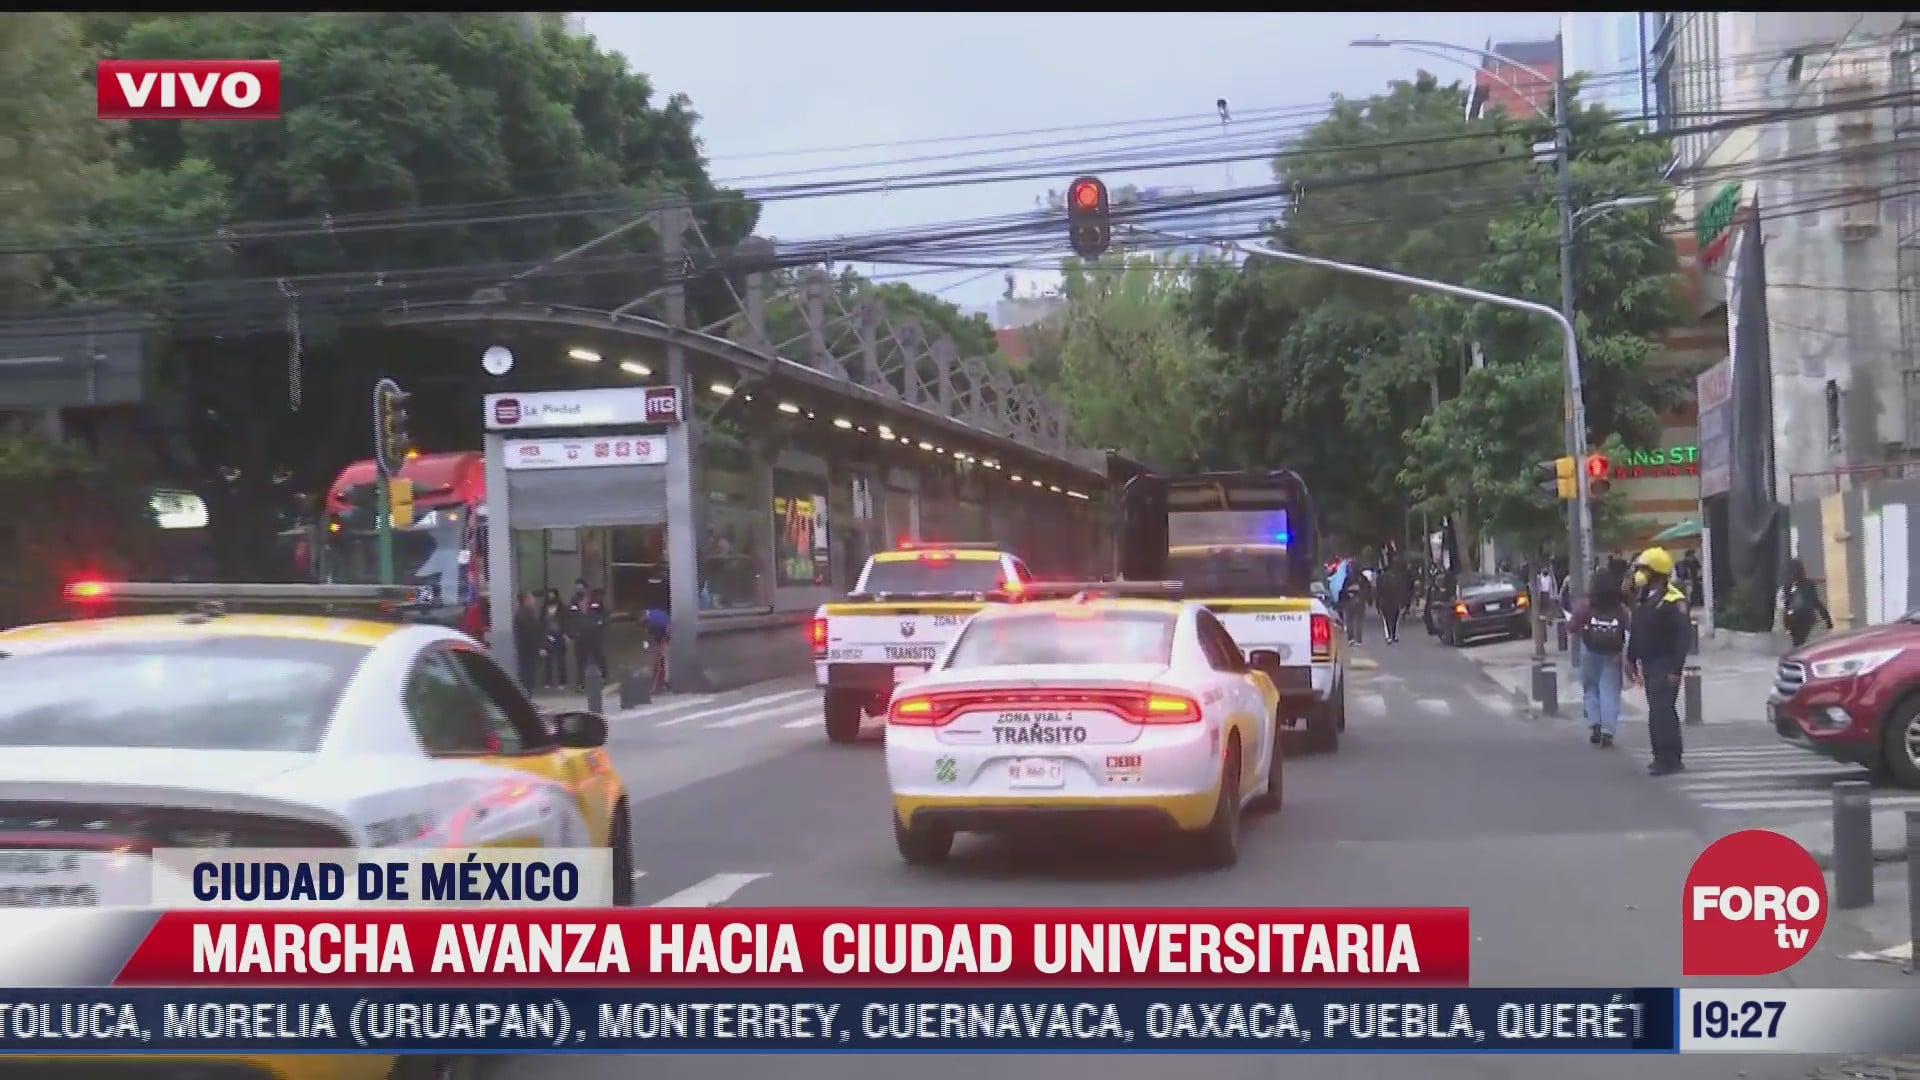 marcha avanza hacia ciudad universitaria